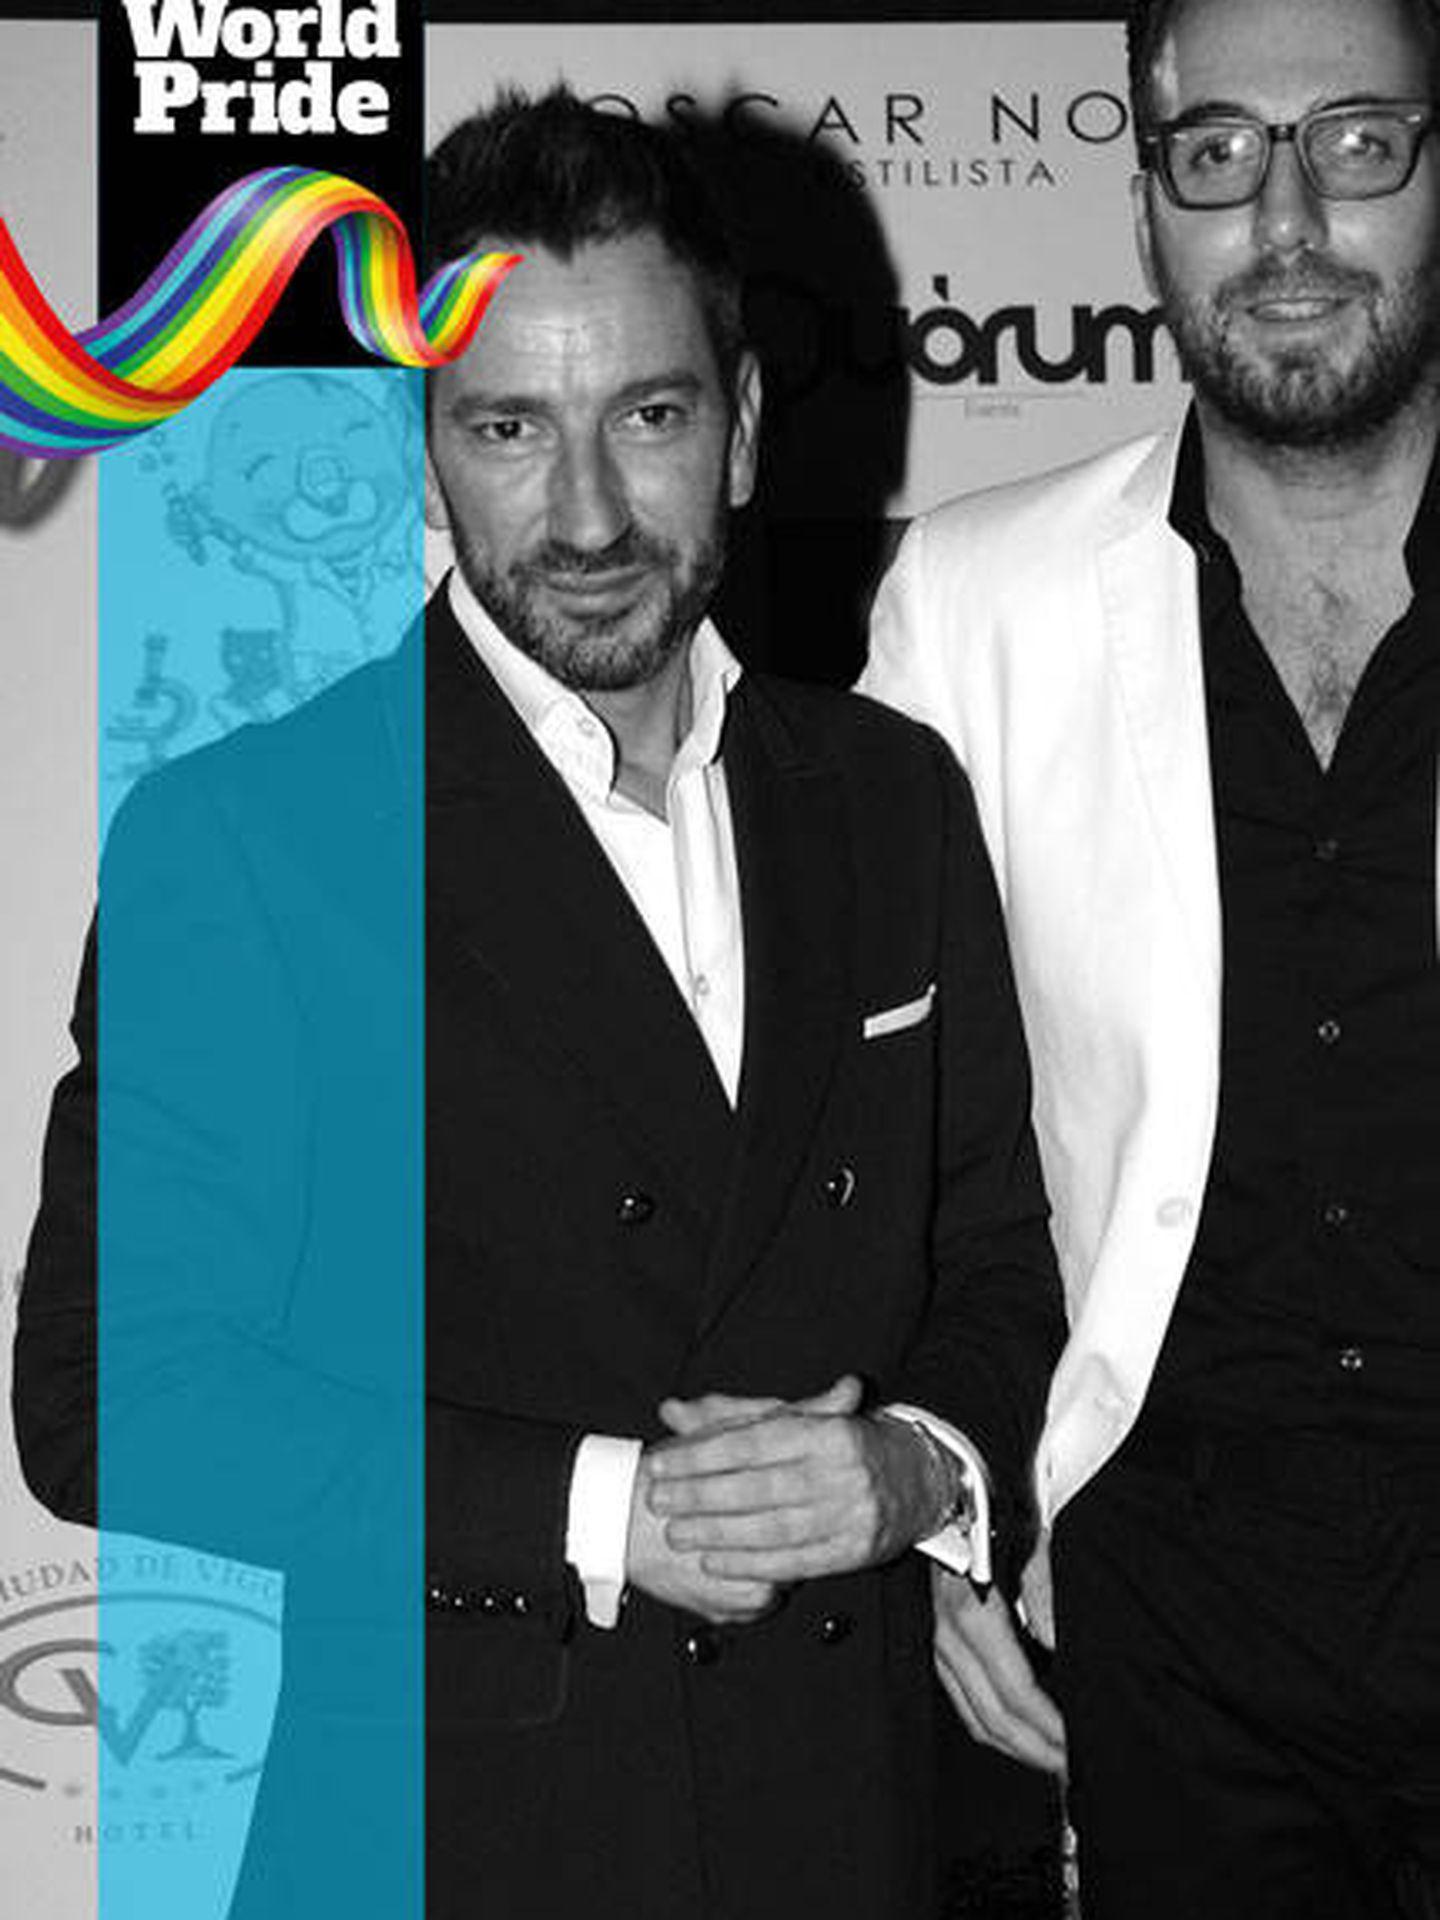 Orgullo LGTBI 2017: Raúl Prieto y David Valdeperas.